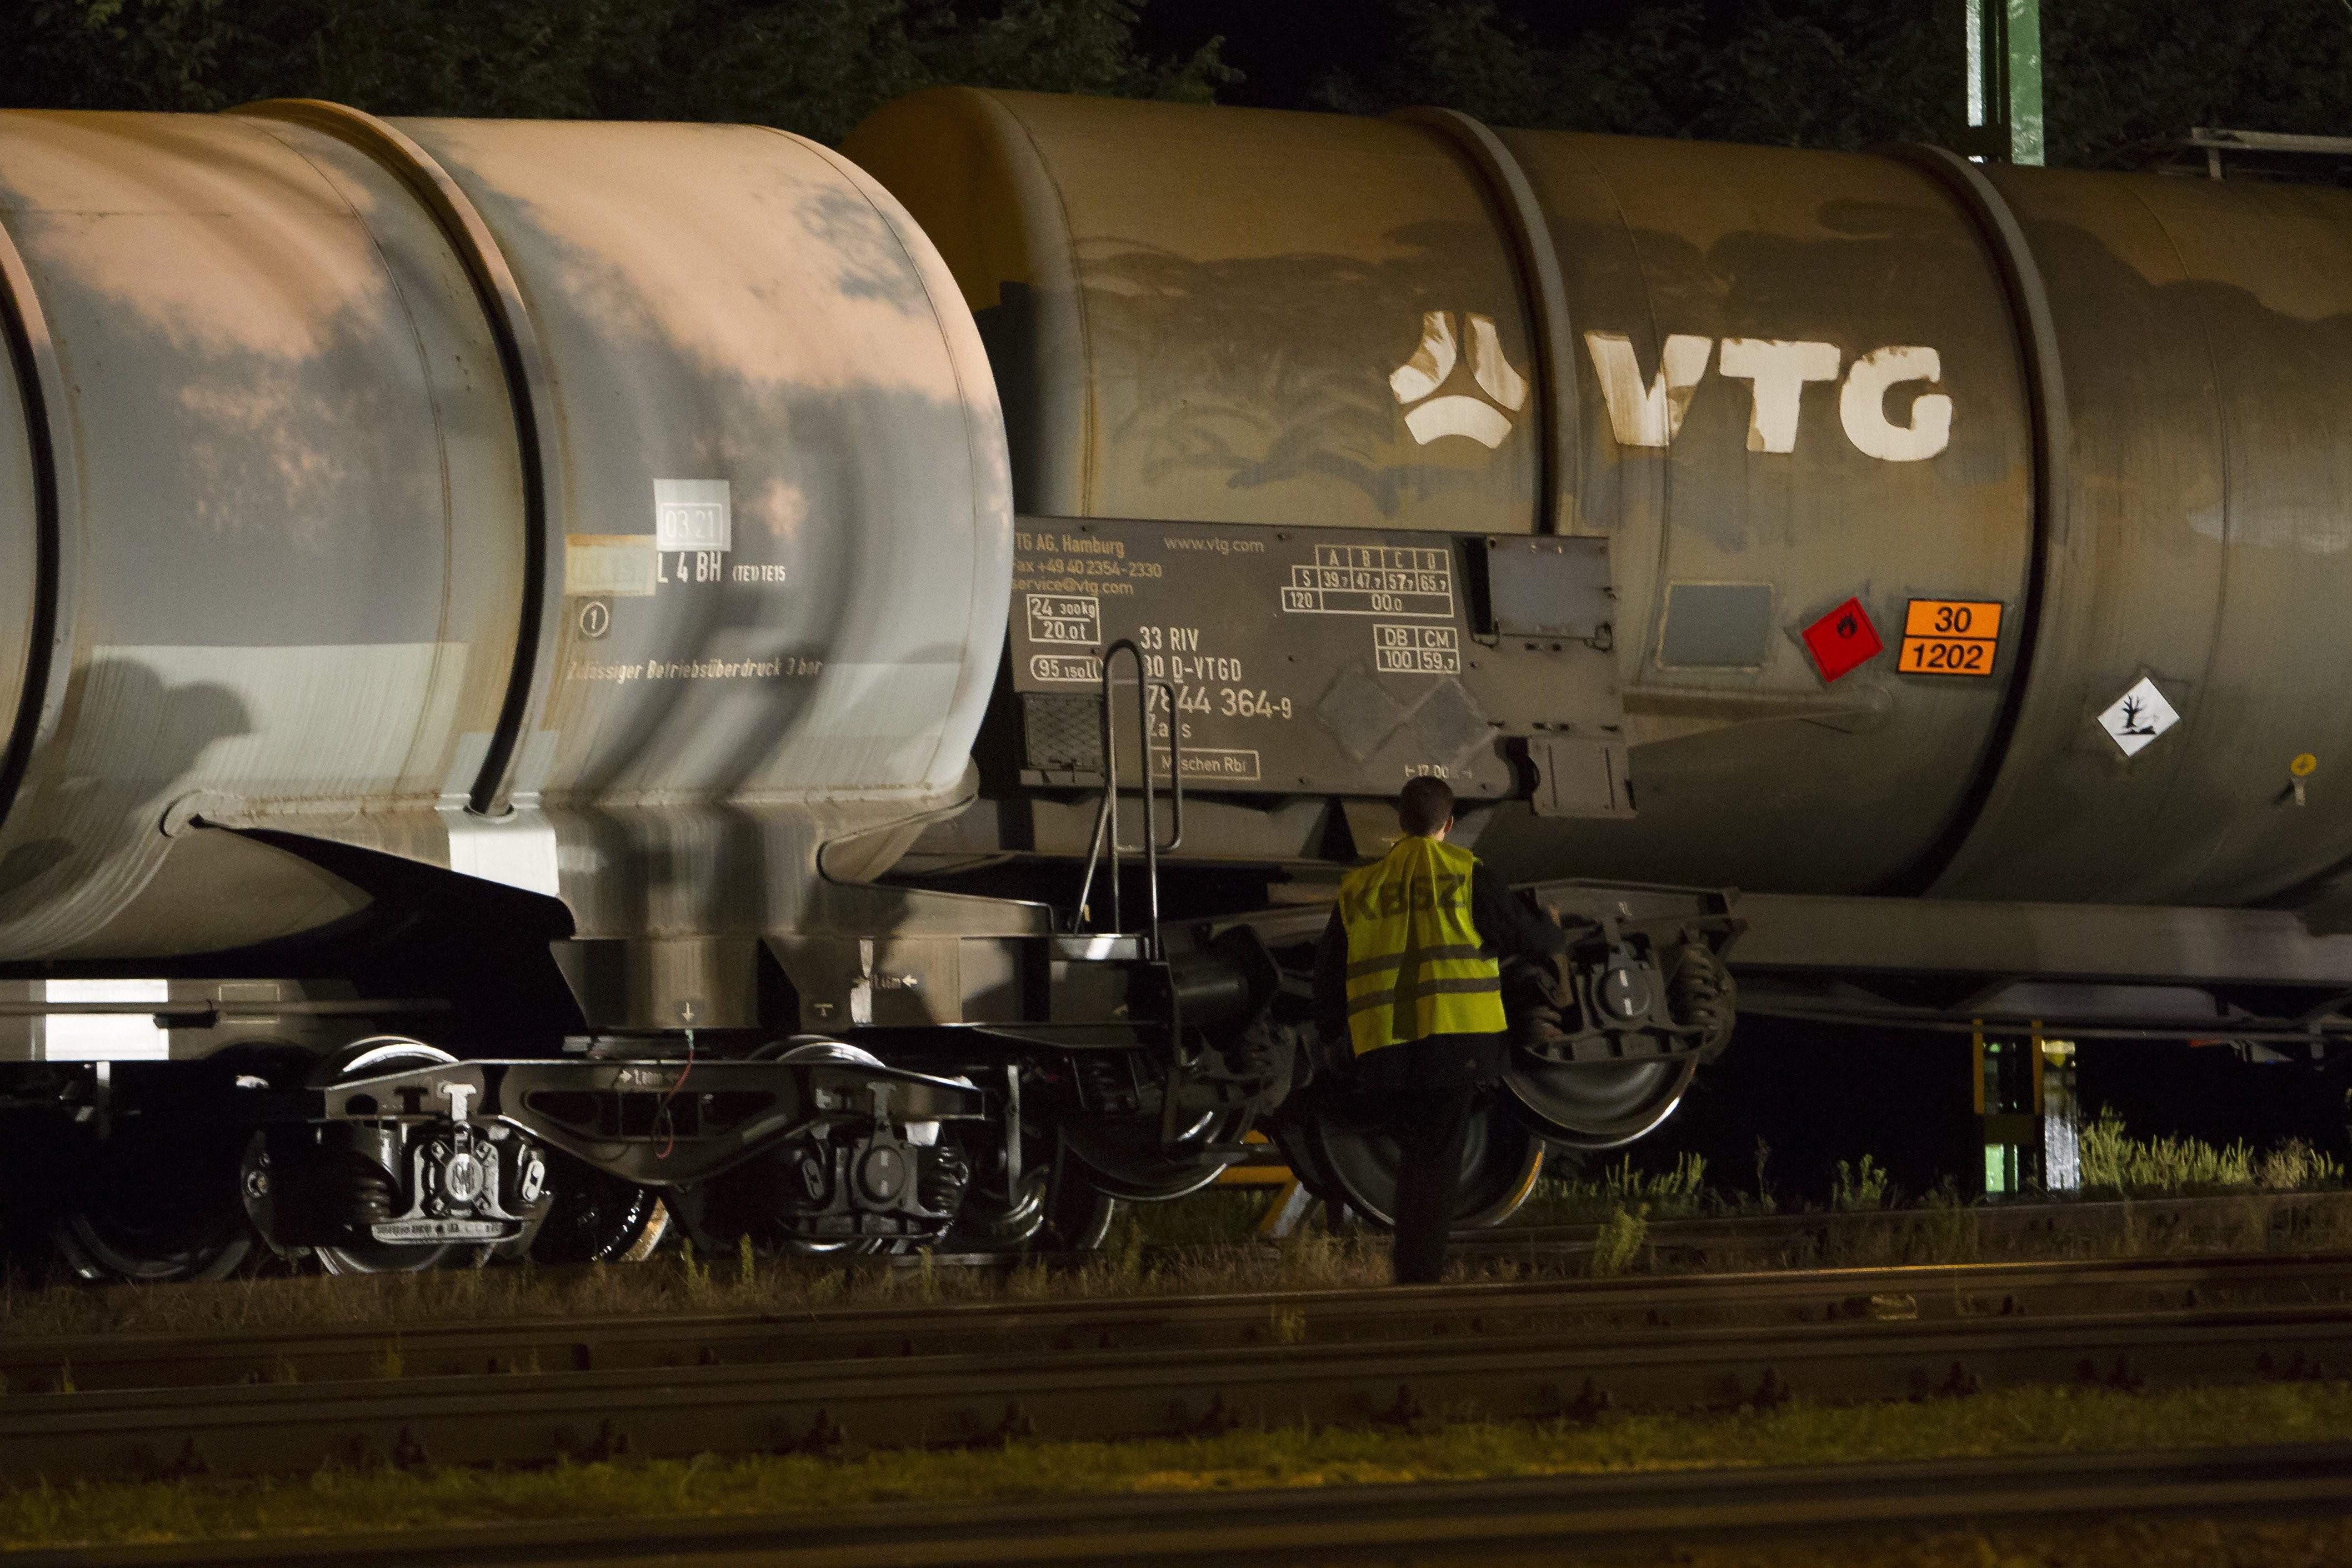 Gázolajat szállító vasúti kocsik borultak fel Vépen